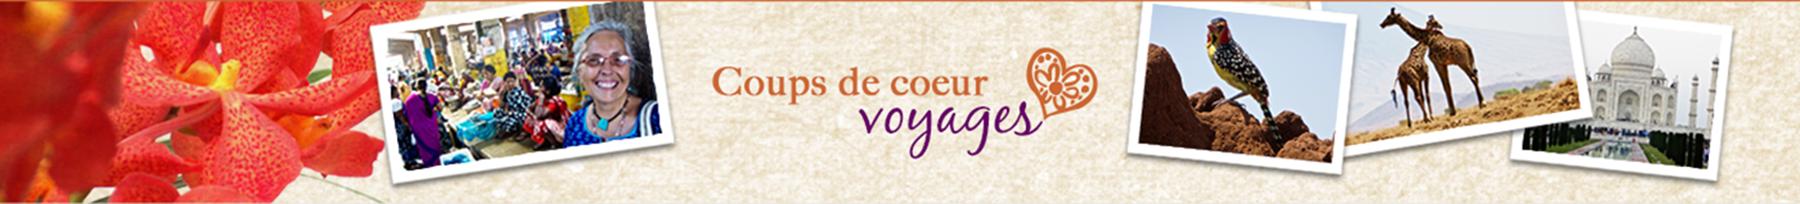 coups de coeur voyages Logo